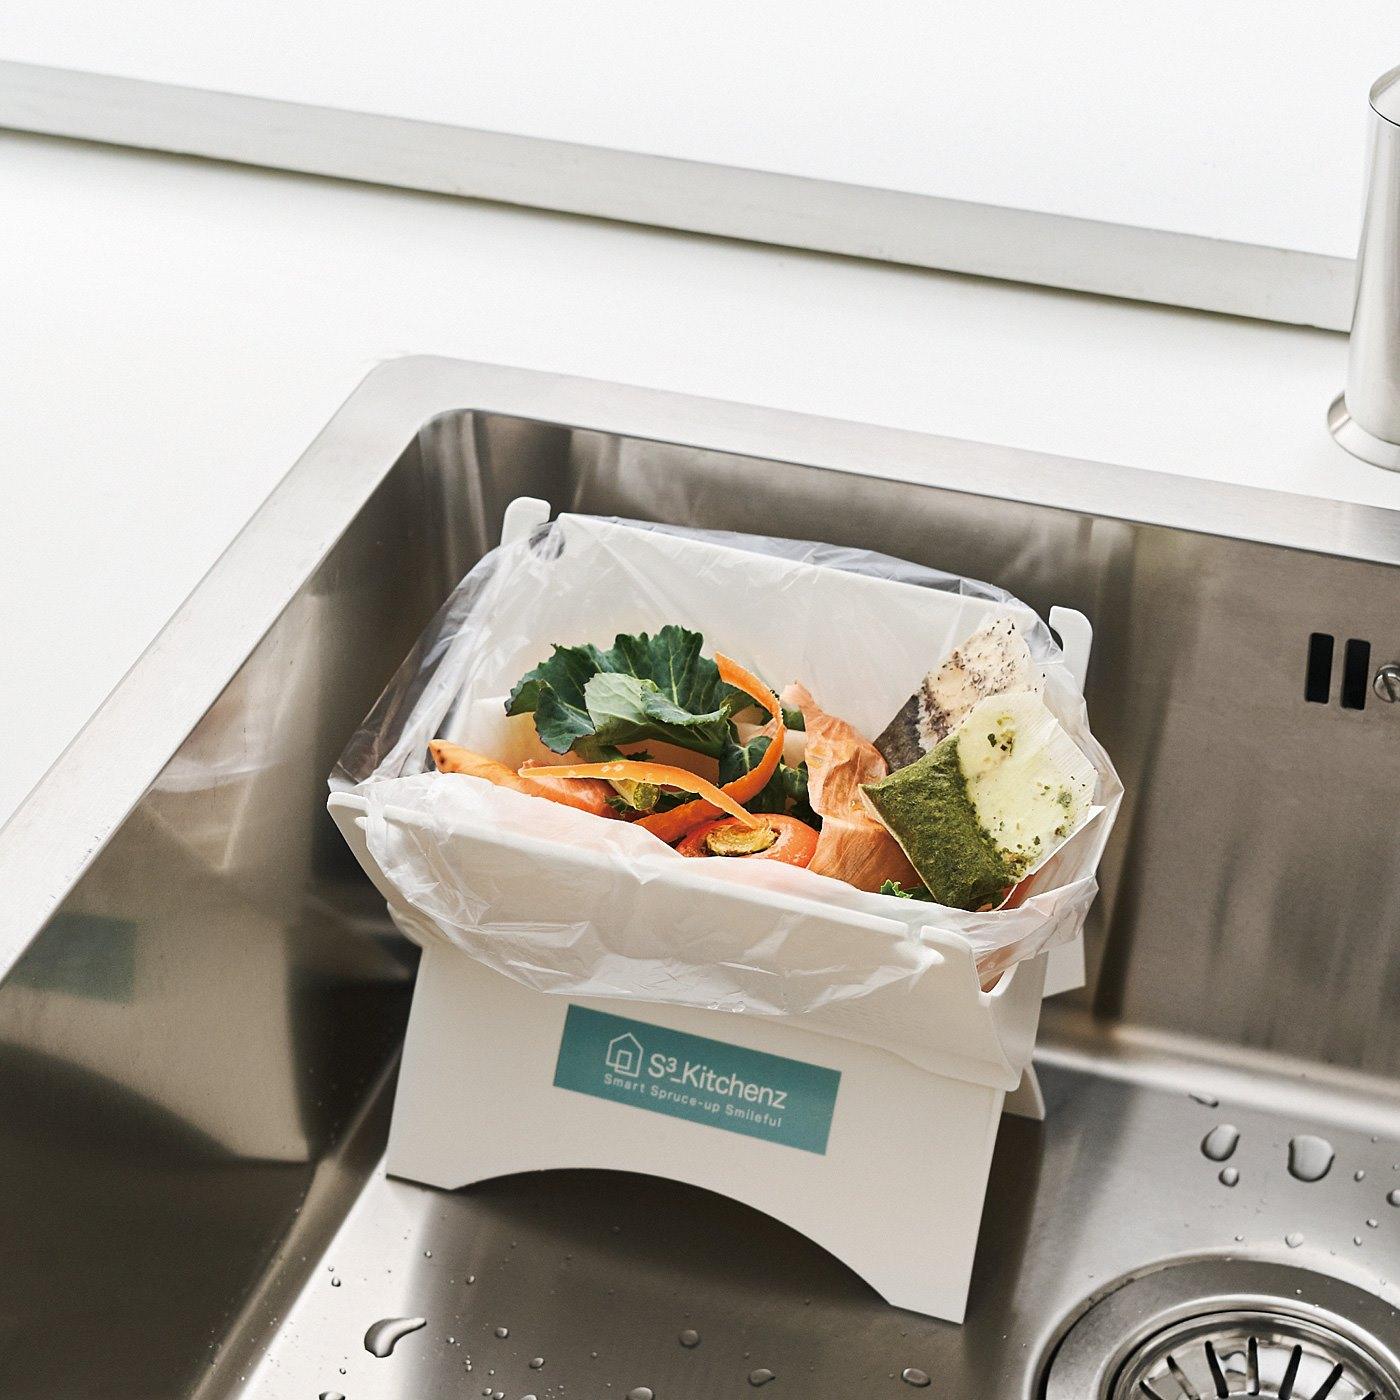 挟んでしぼって生ゴミ減量! キッチン水きりの会